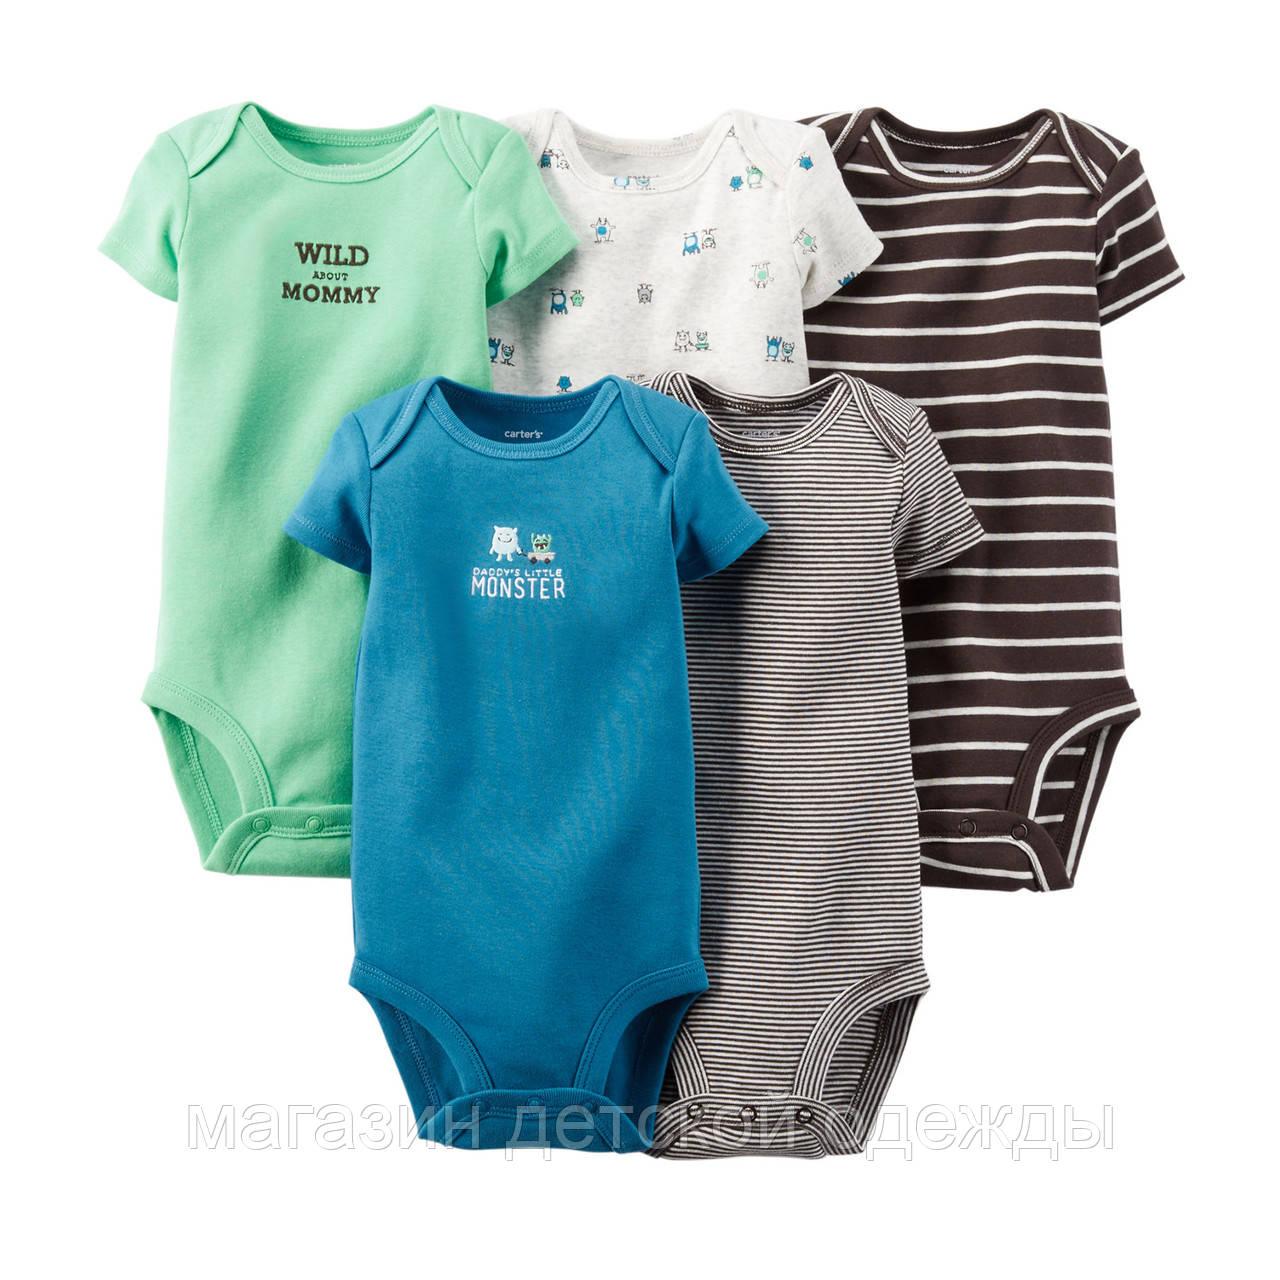 Детский боди с коротким рукавом для мальчика Carters - Mom s Bunny -  магазин детской одежды в 3207411877453